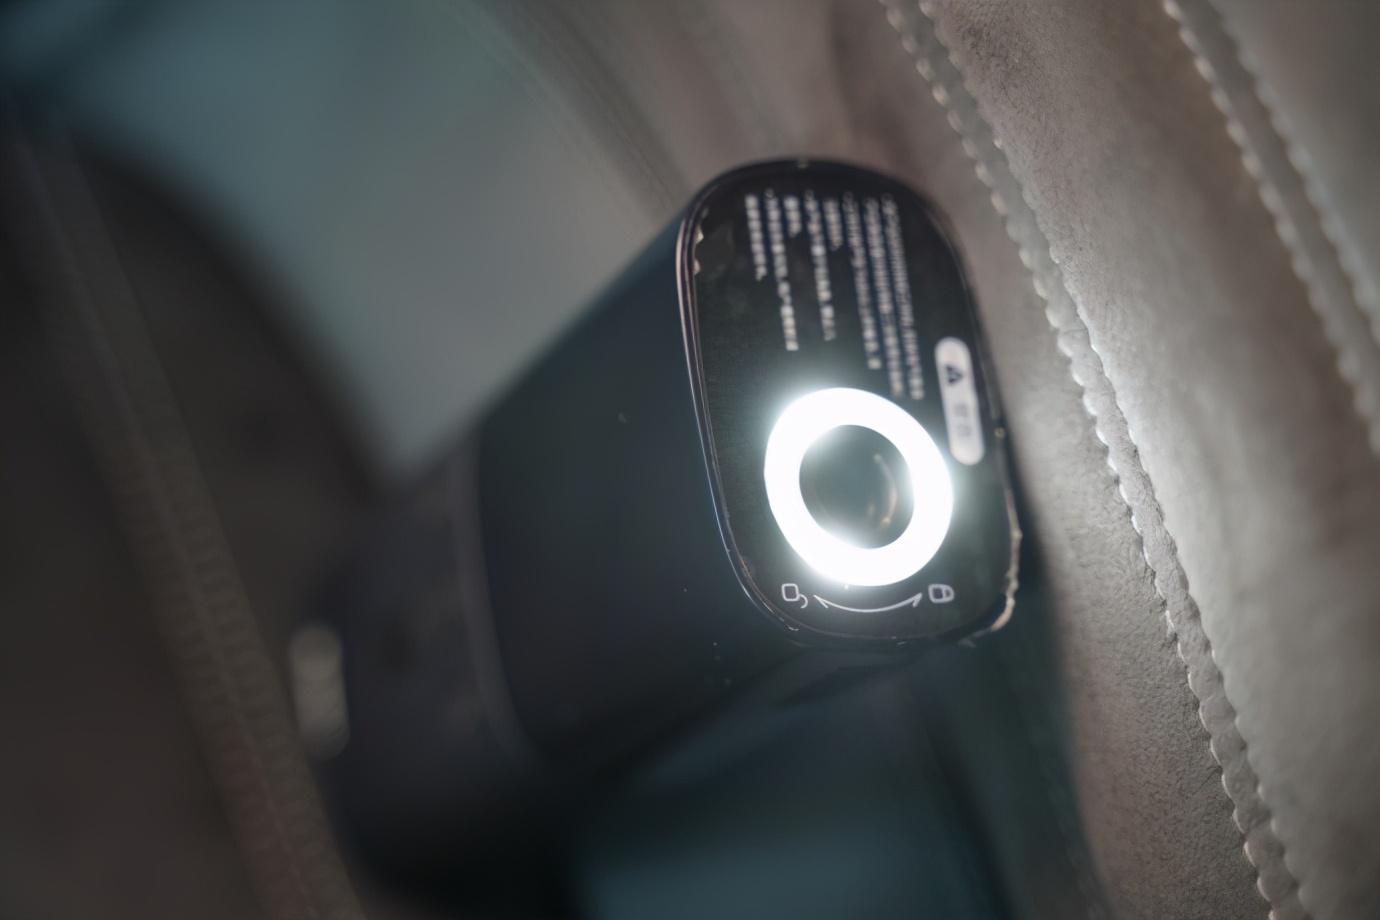 出行有底气,无线更自由!360便携式充气泵Q3惊艳上市